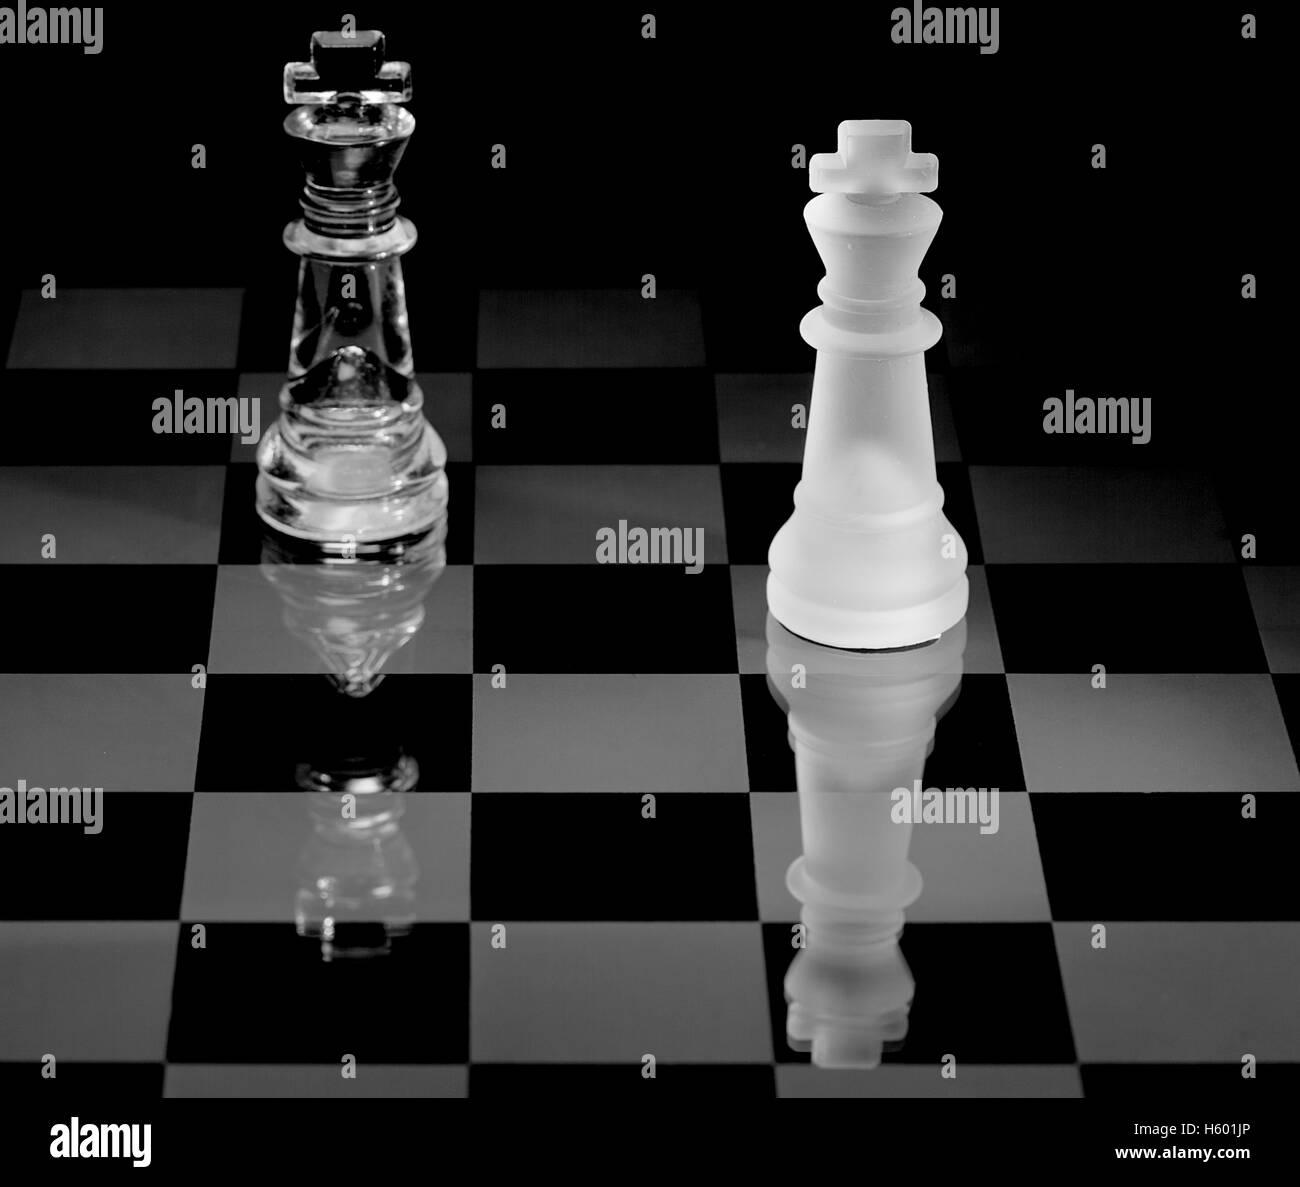 Schachbrett mit Stücke aus Glas Stockfoto